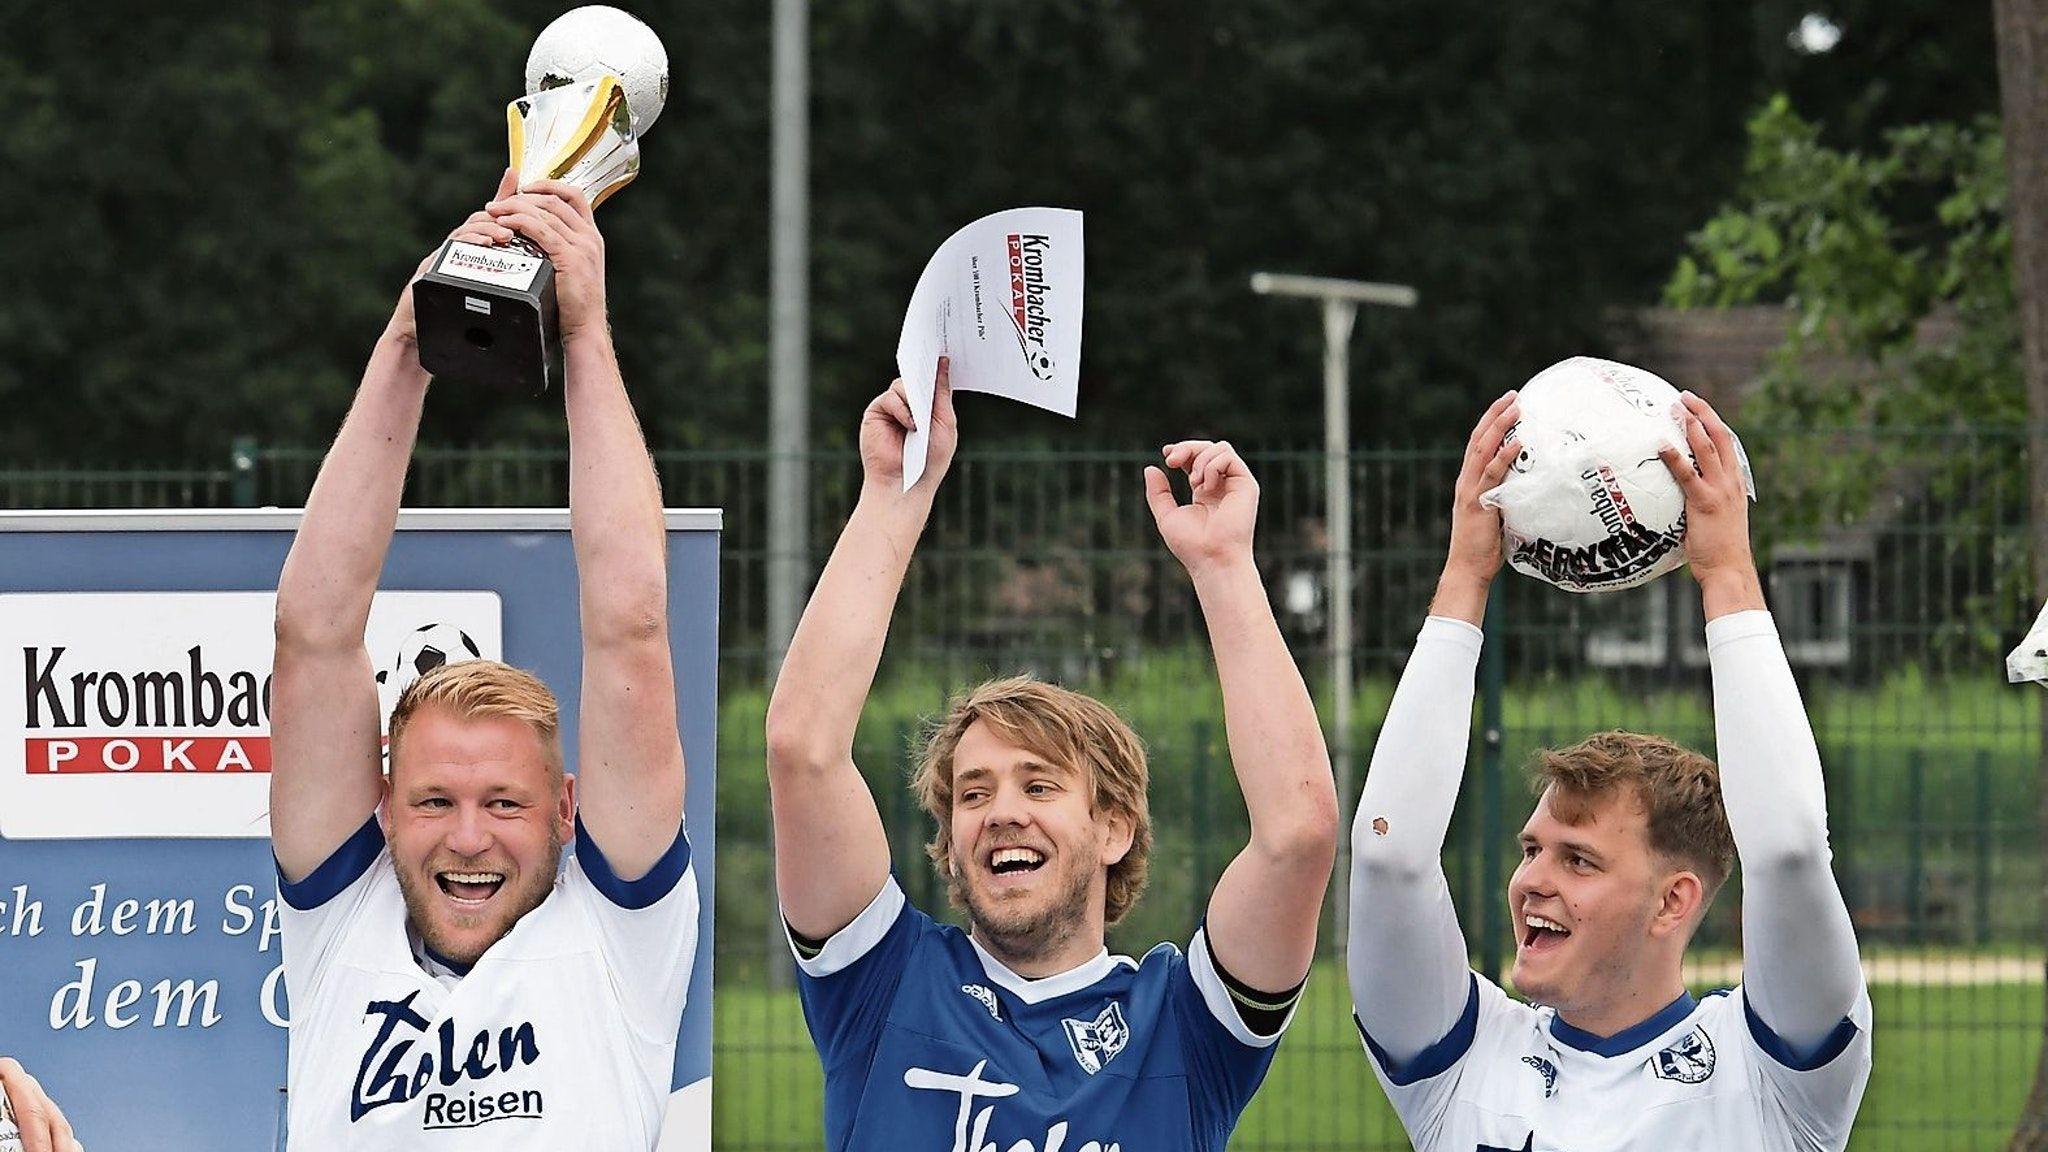 Jubel nach dem Bezirkspokalsieg: Altenoythes Fußballer waren bei der Auslosung des NFV-Pokals nicht vom Glück verfolgt. Foto: Wulfers